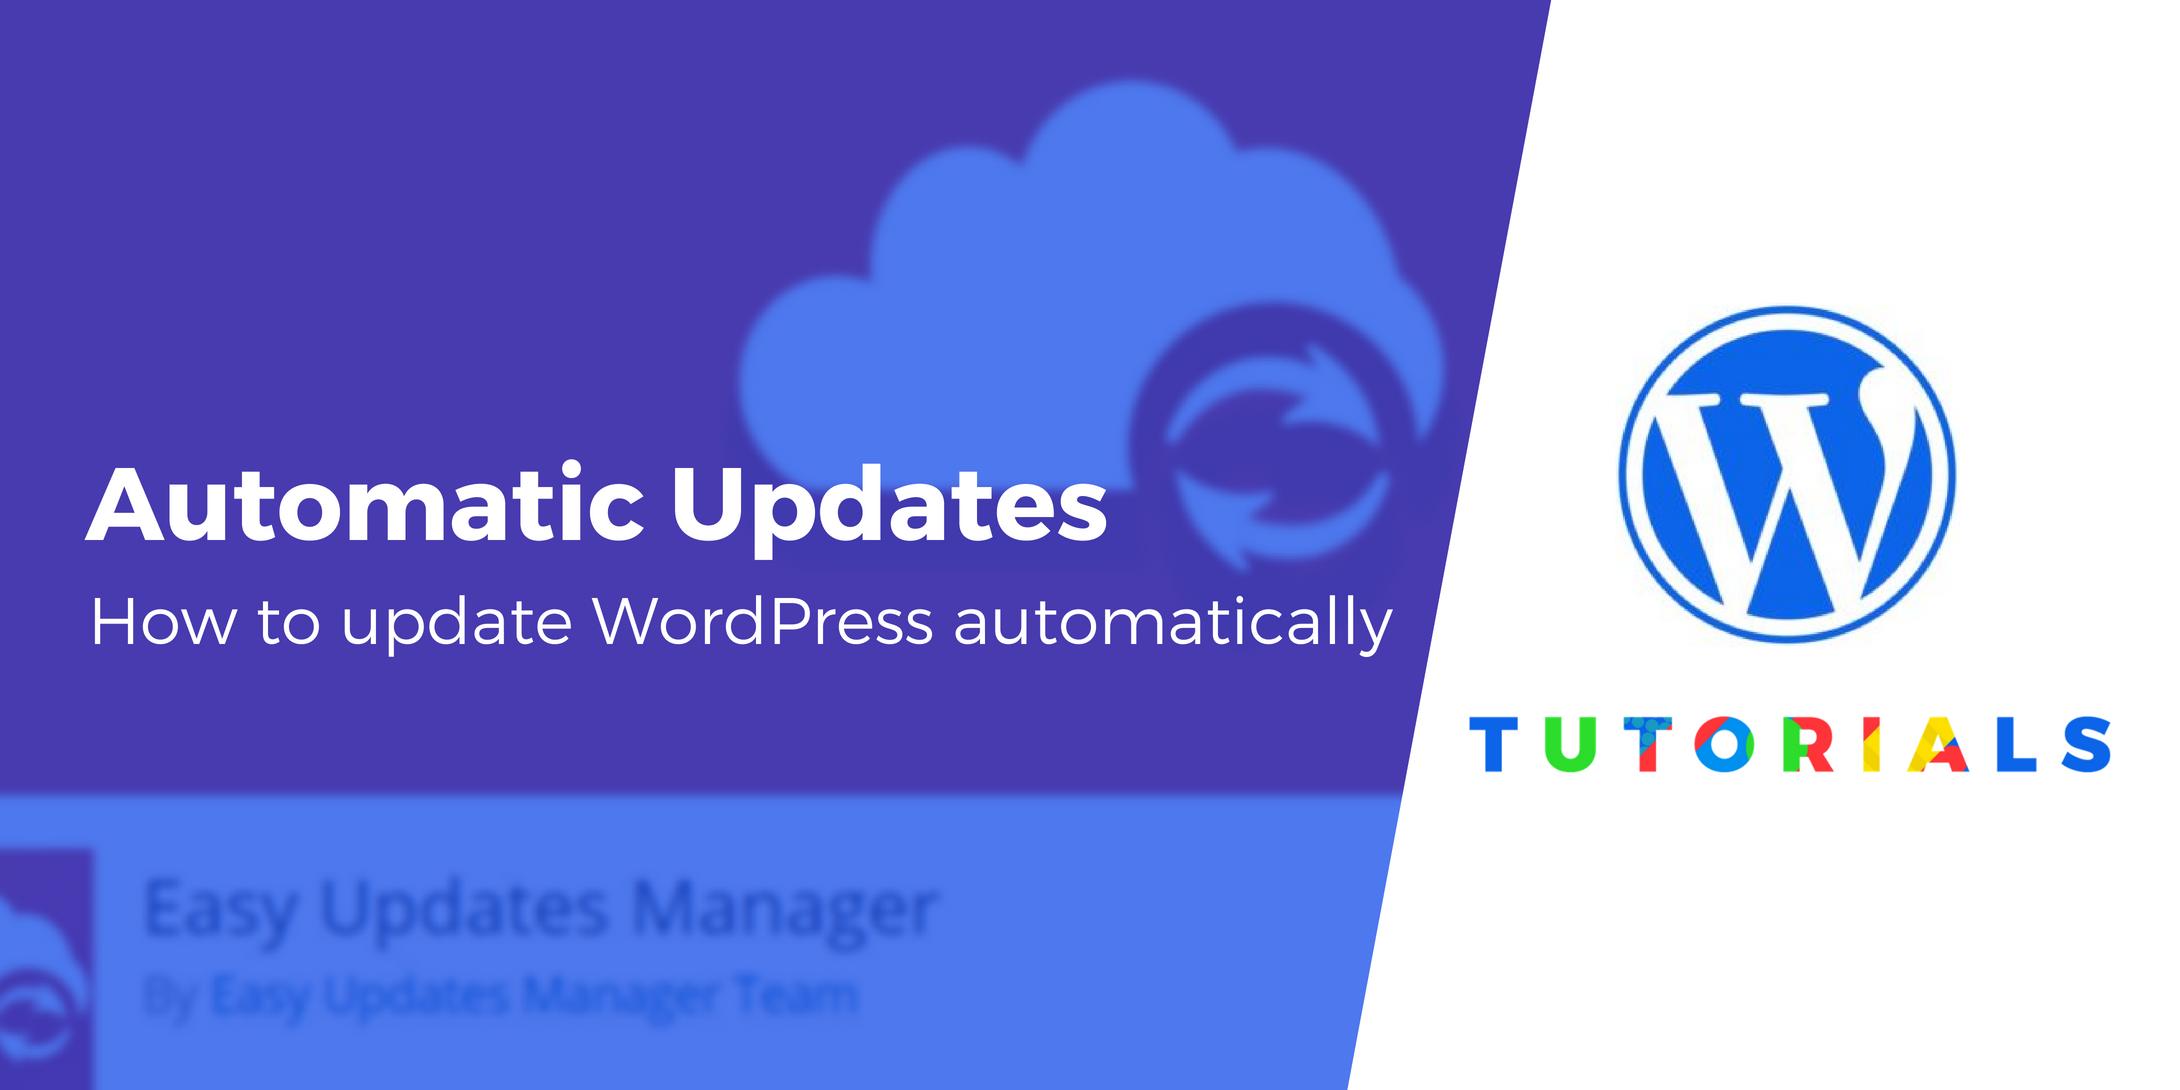 update WordPress automatically